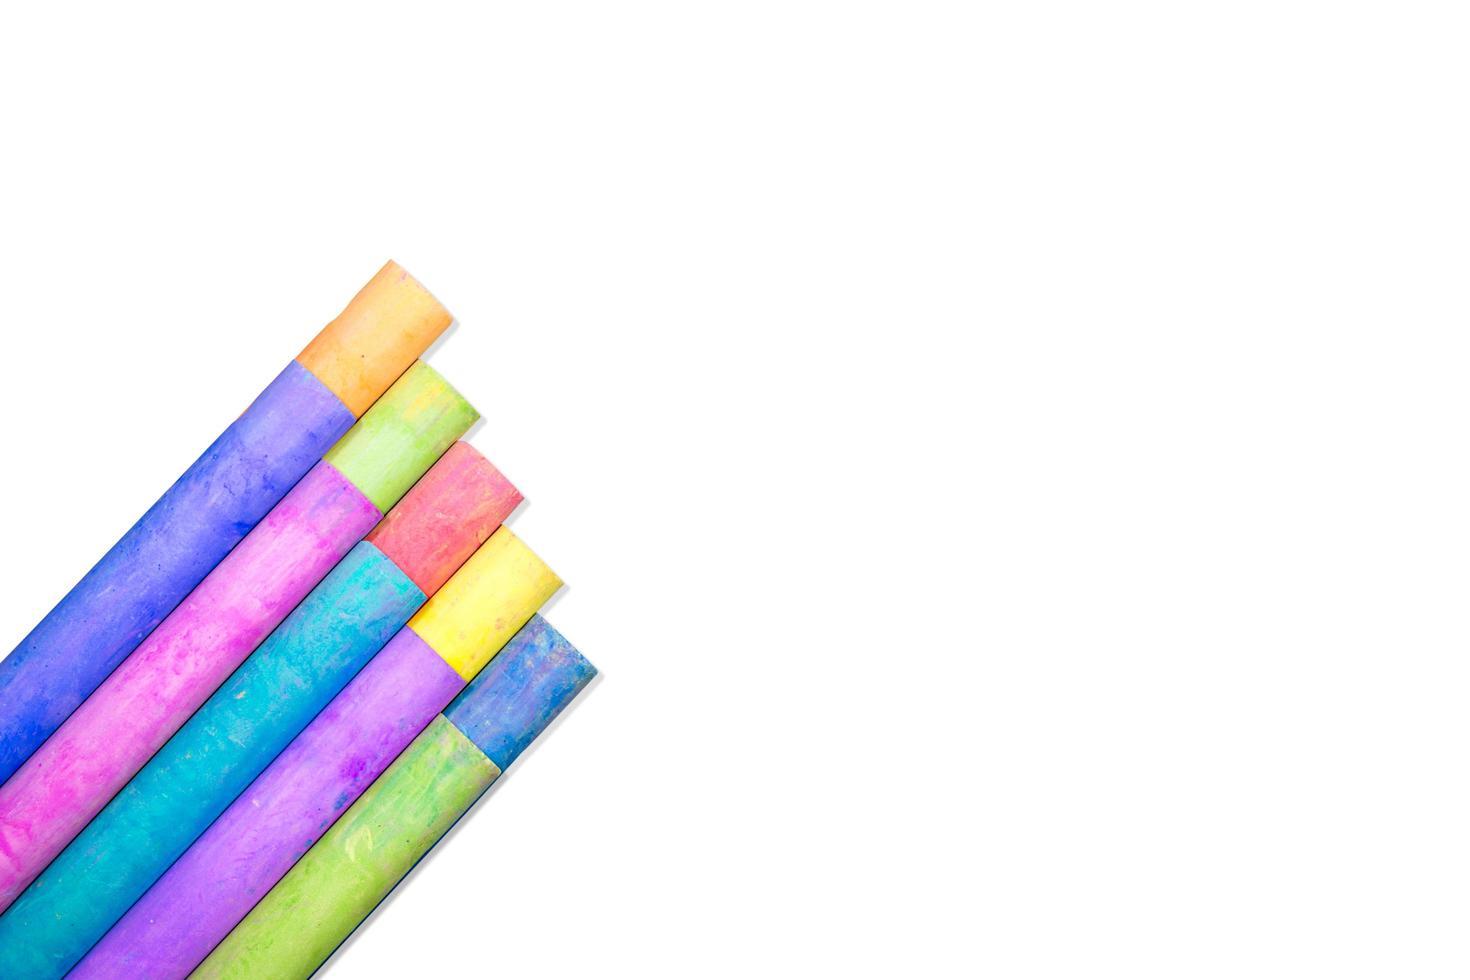 Reihen von regenbogenfarbenem Kreideisolat auf weißem Hintergrund foto